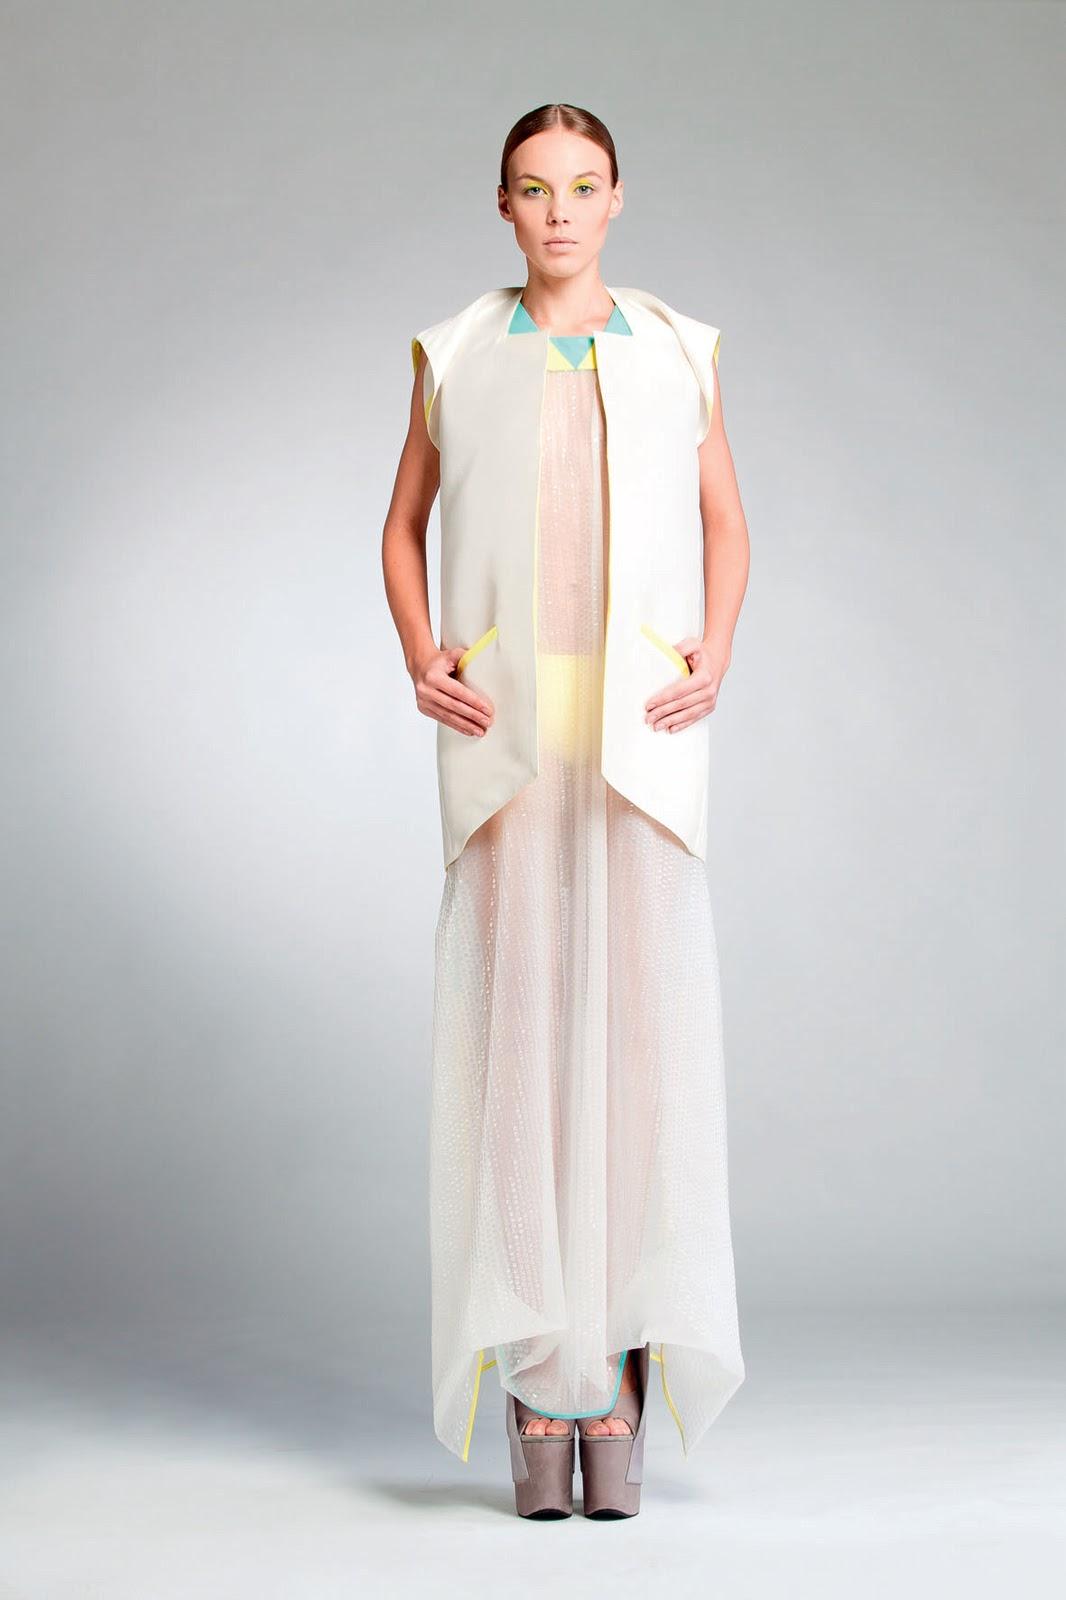 M j fashions ltd 98